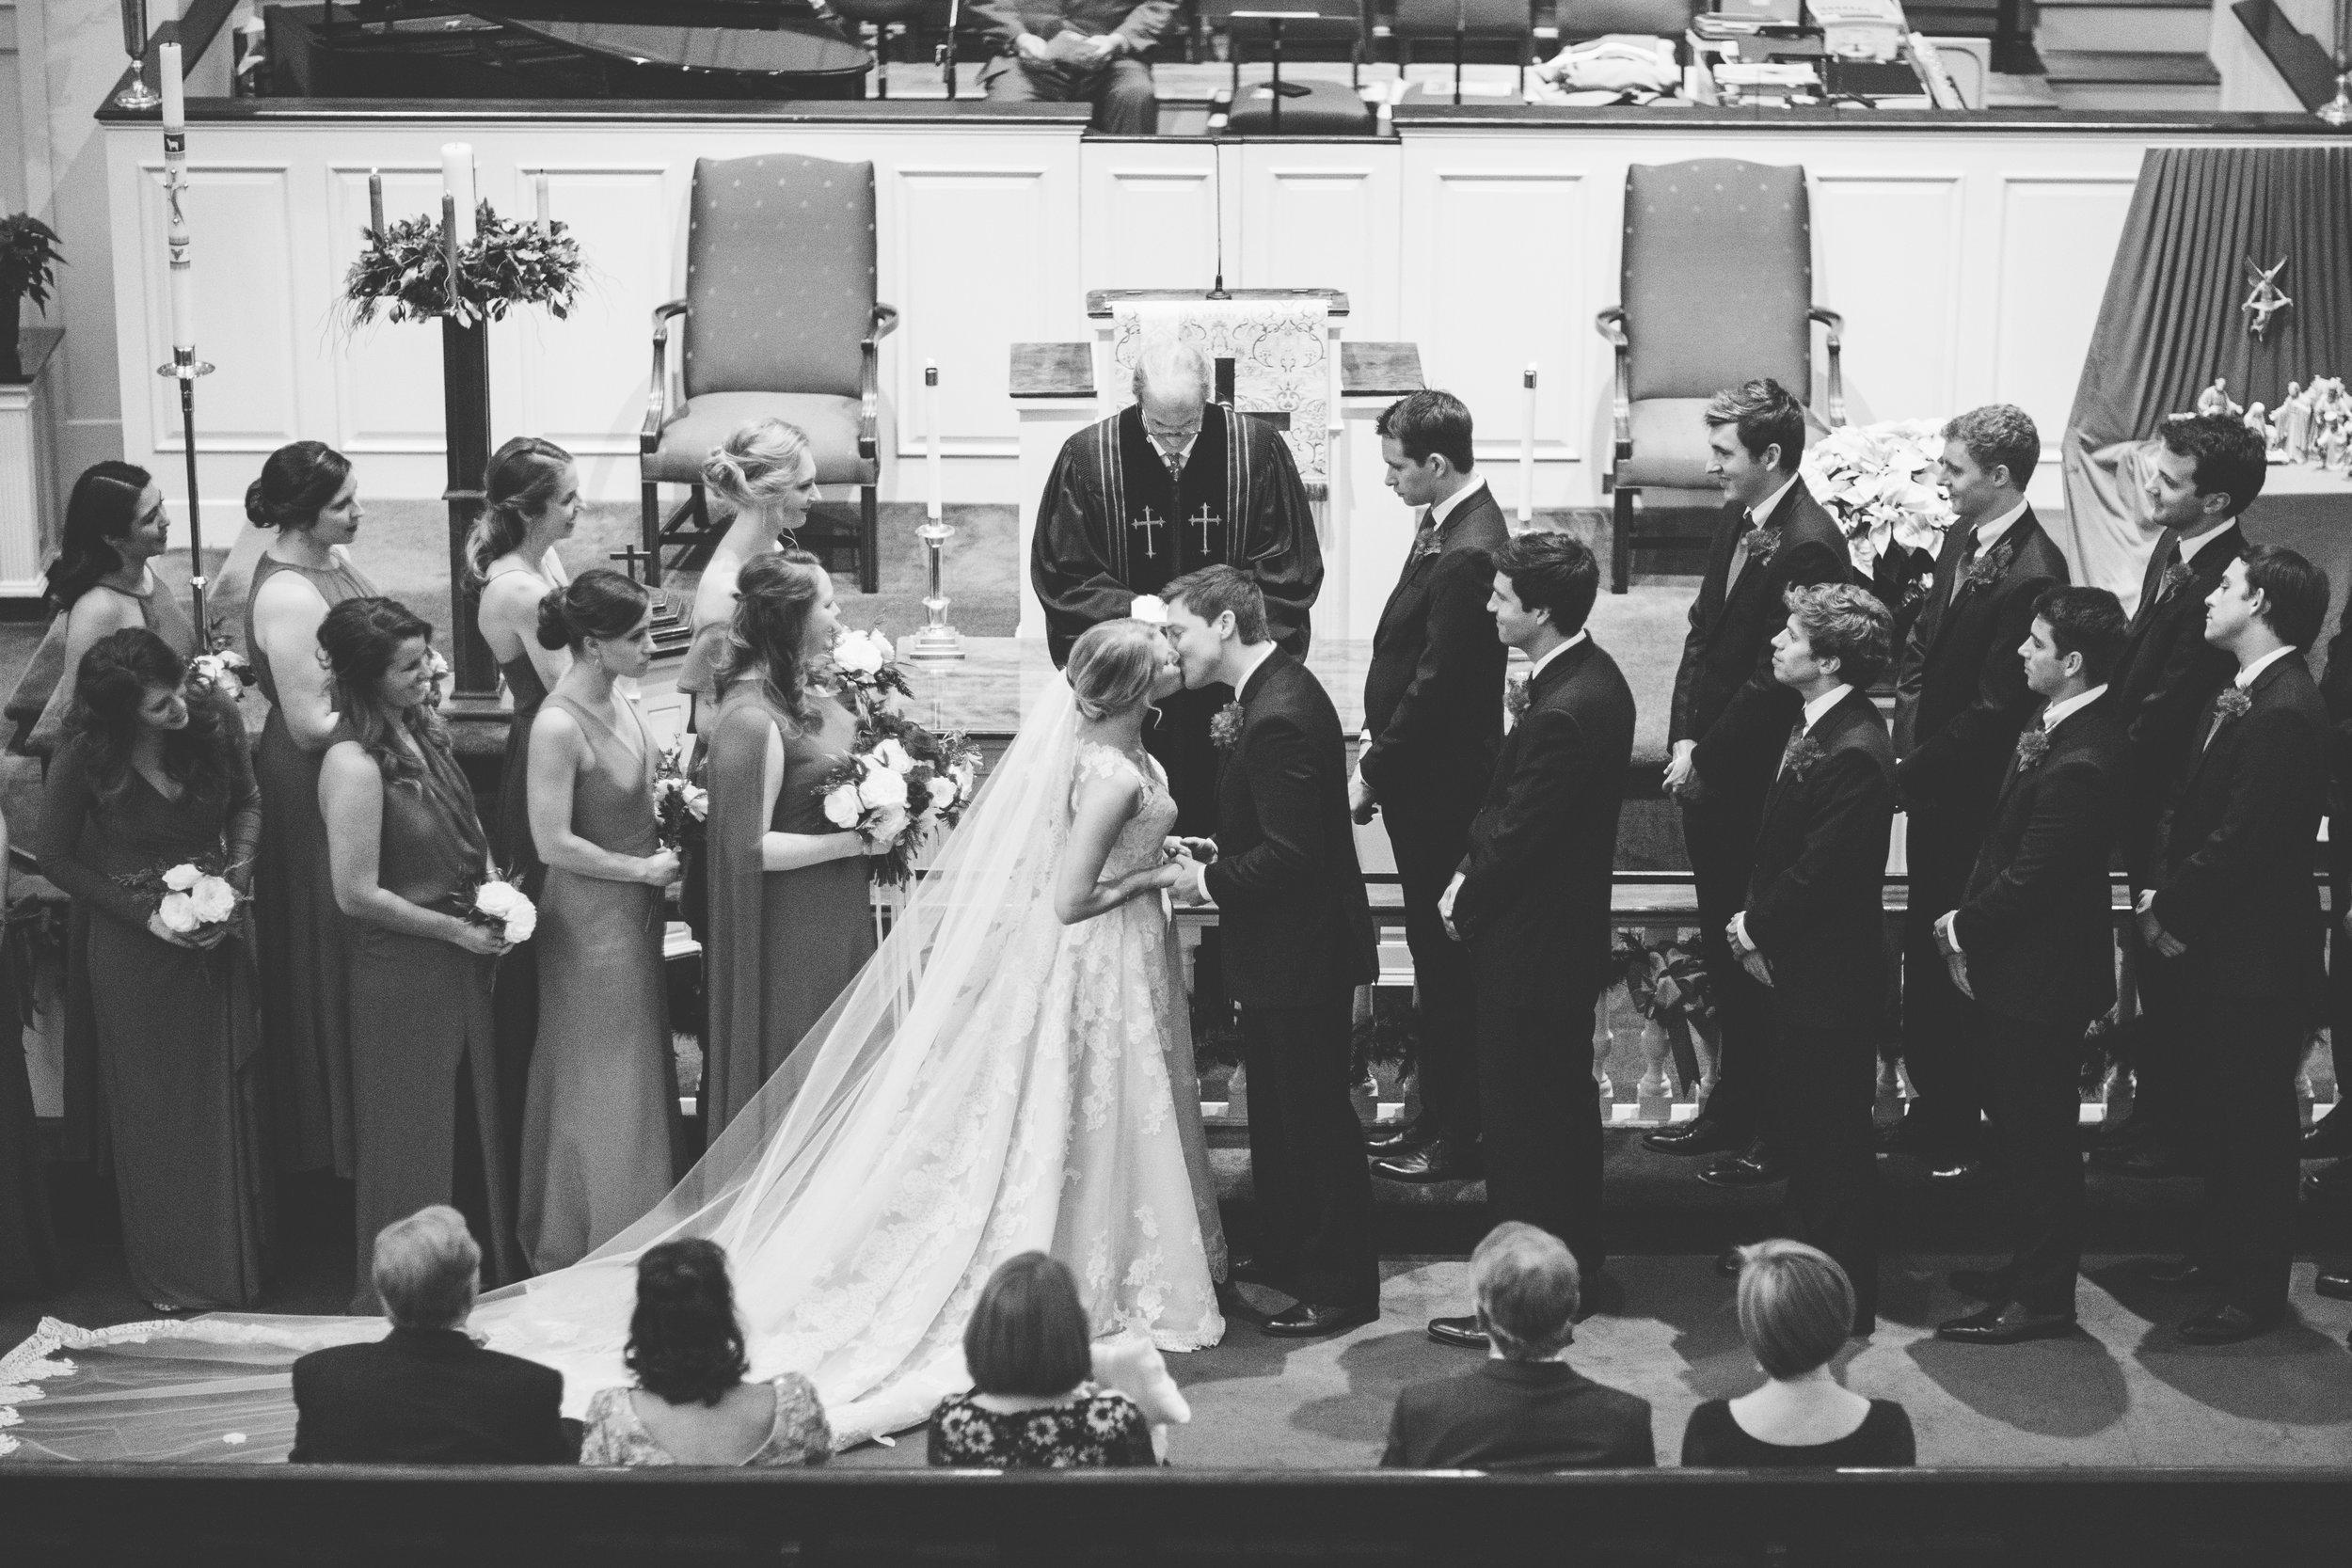 deane-ceremony-64.jpg